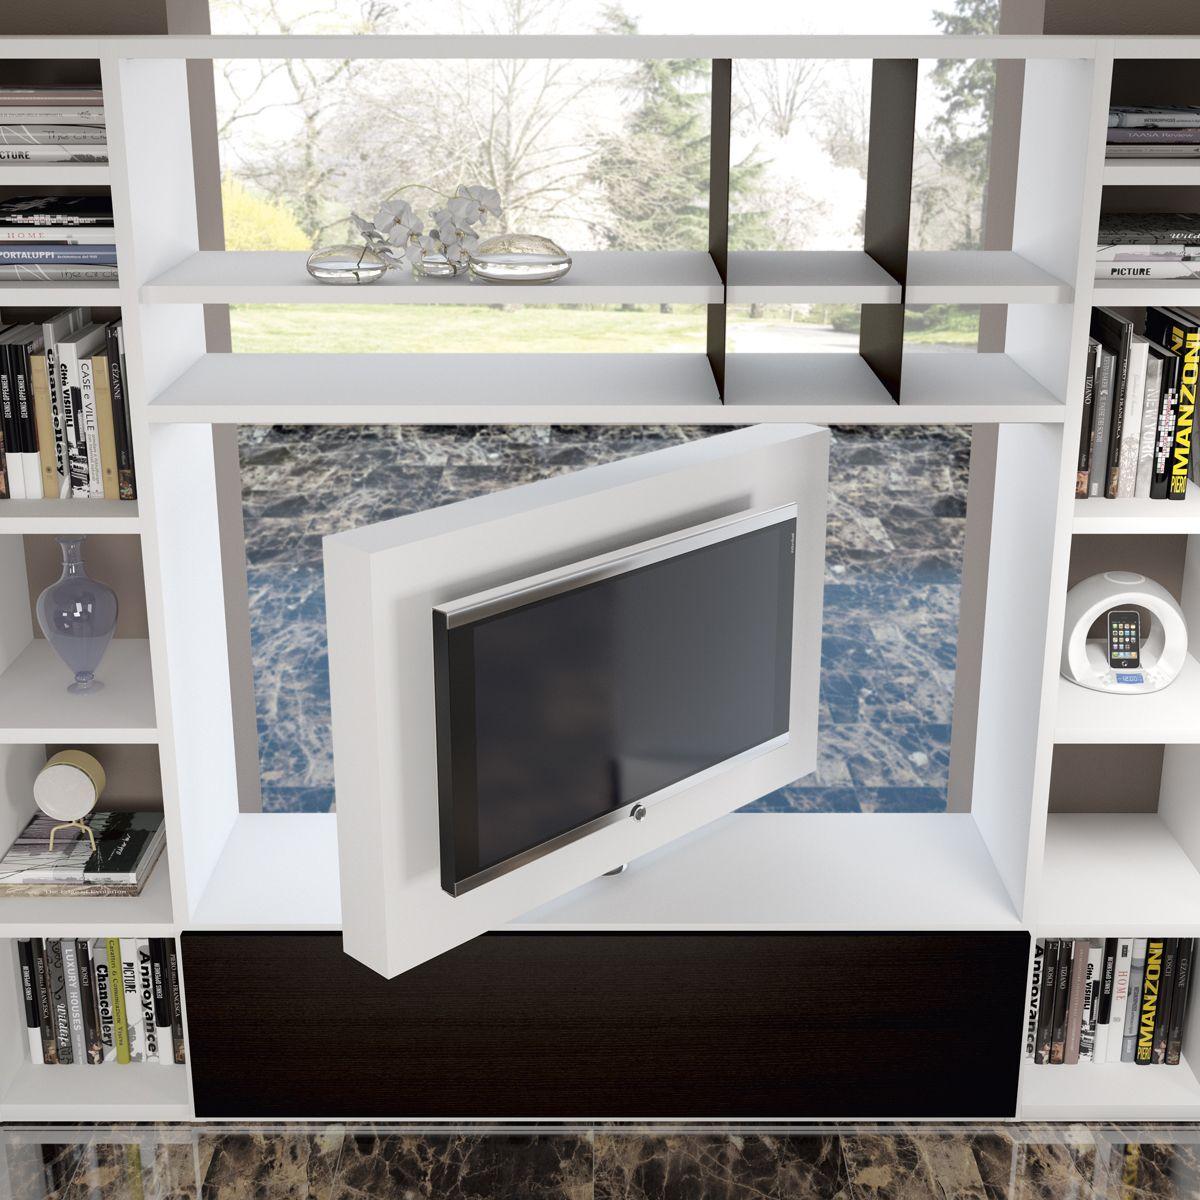 Porta tv girevole orientabile free view 360 mood dettaglio prodotto mb muebles para tv - Porta televisore da parete ...